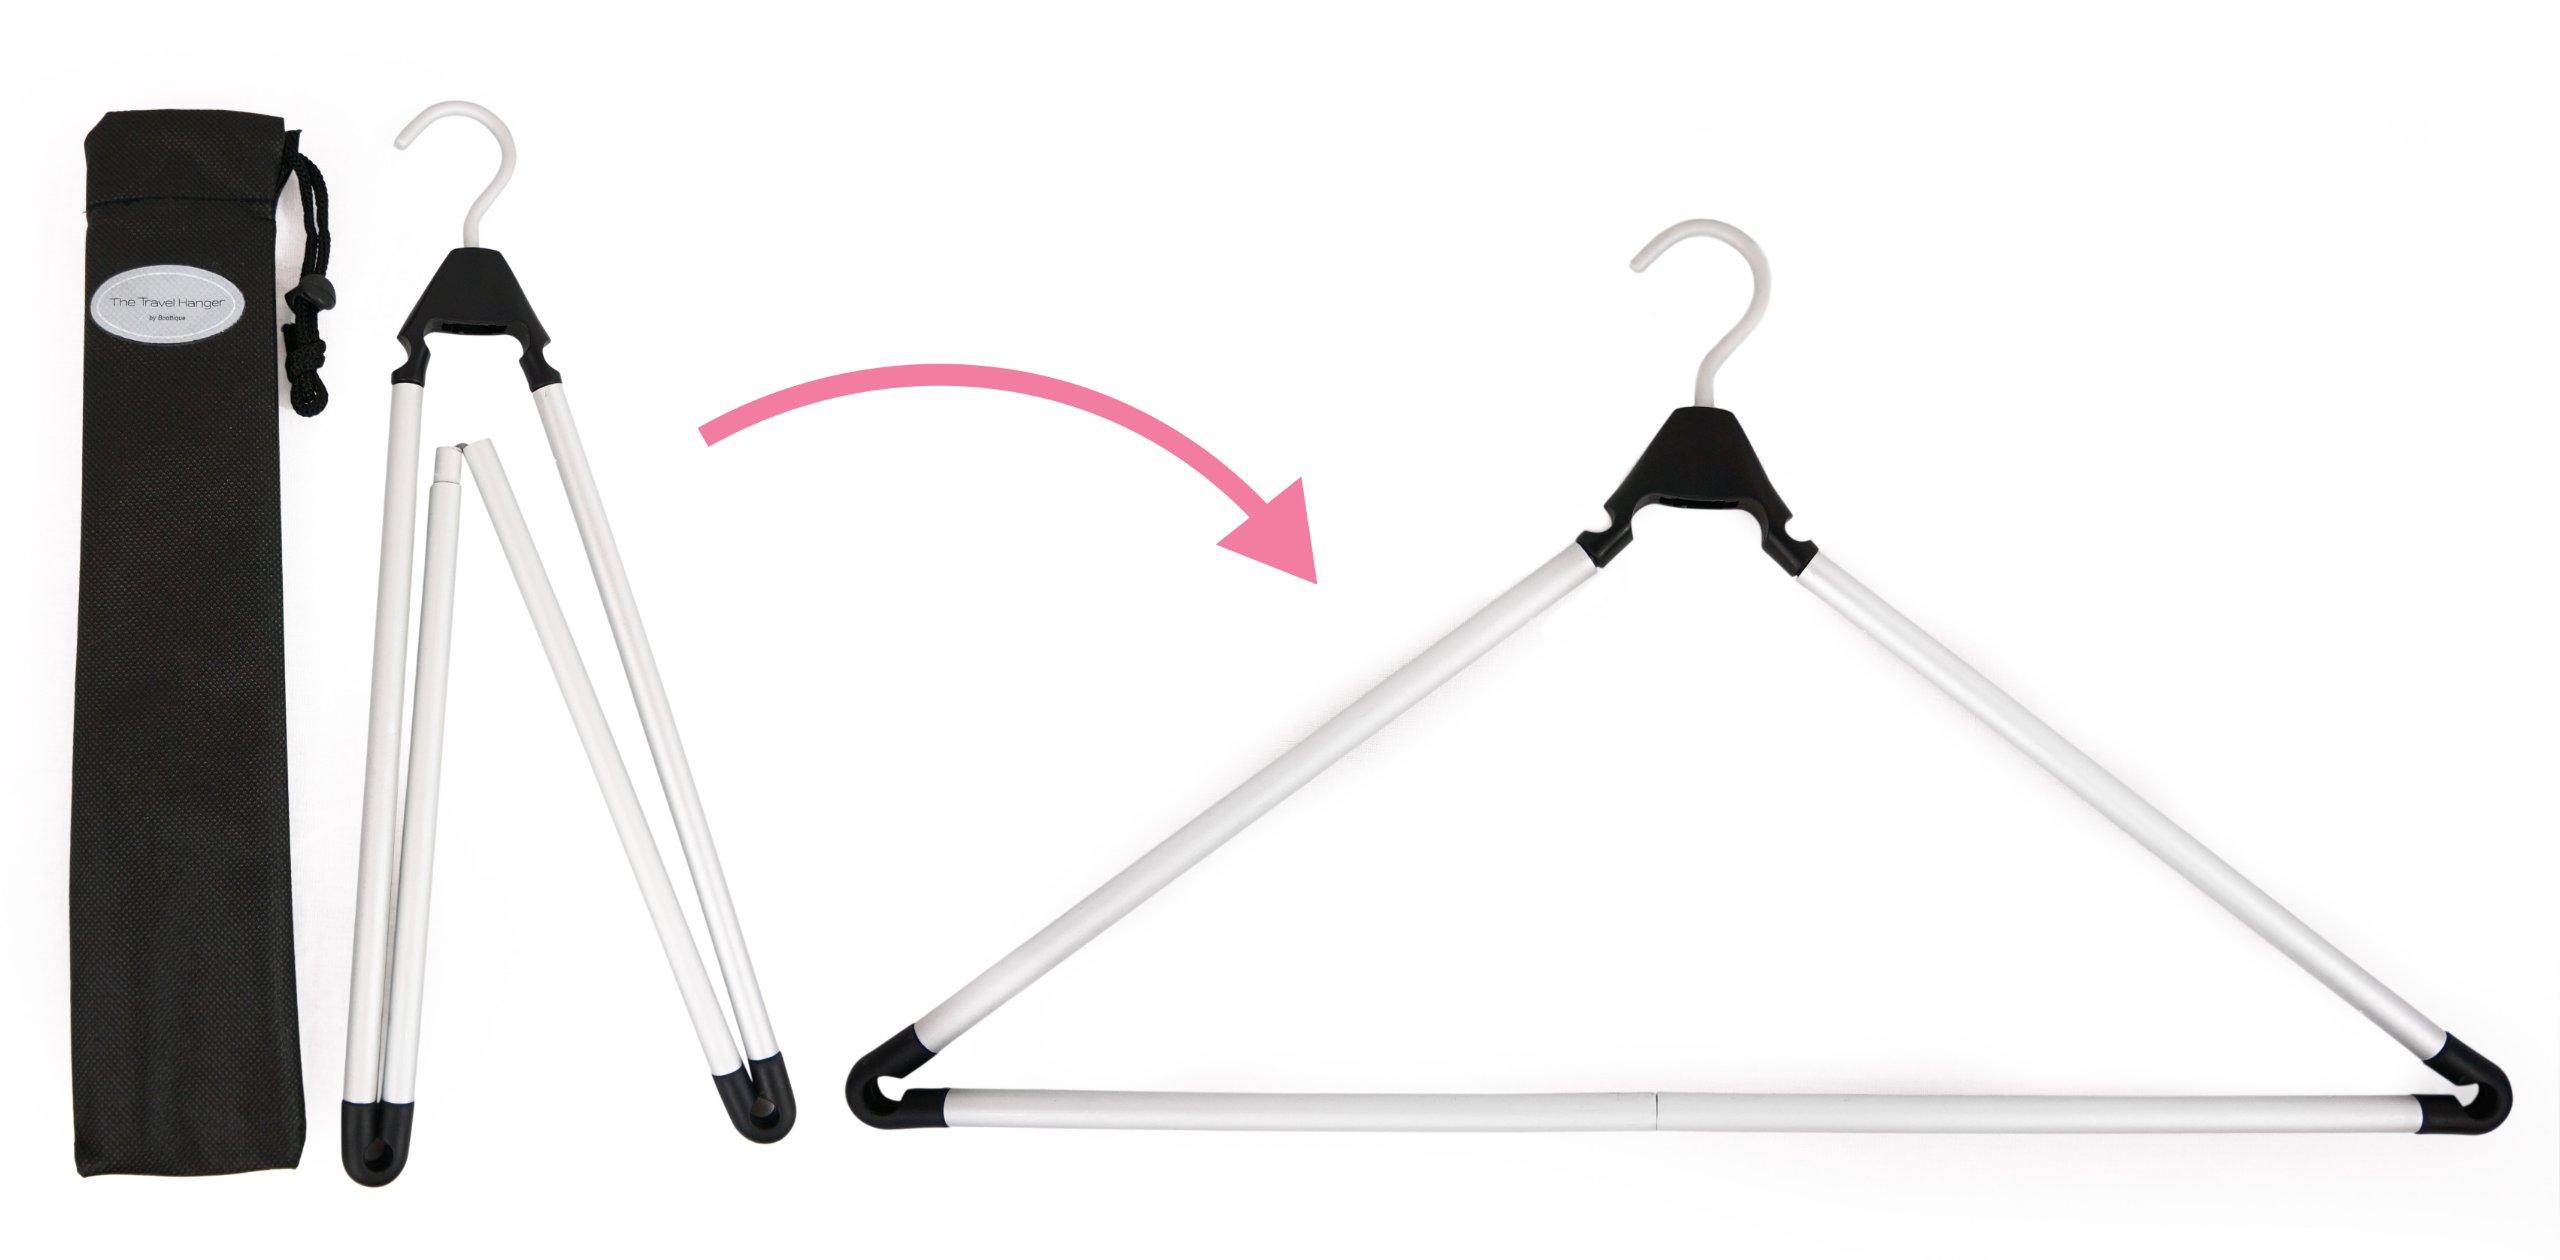 Travel Hanger, Car Hanger, Clothes Hanger- Foldable Hanger, Folding Hanger, Collapsible Hanger, Portable Hanger (Matte Silver & Black) (2) by Boottique (Image #4)